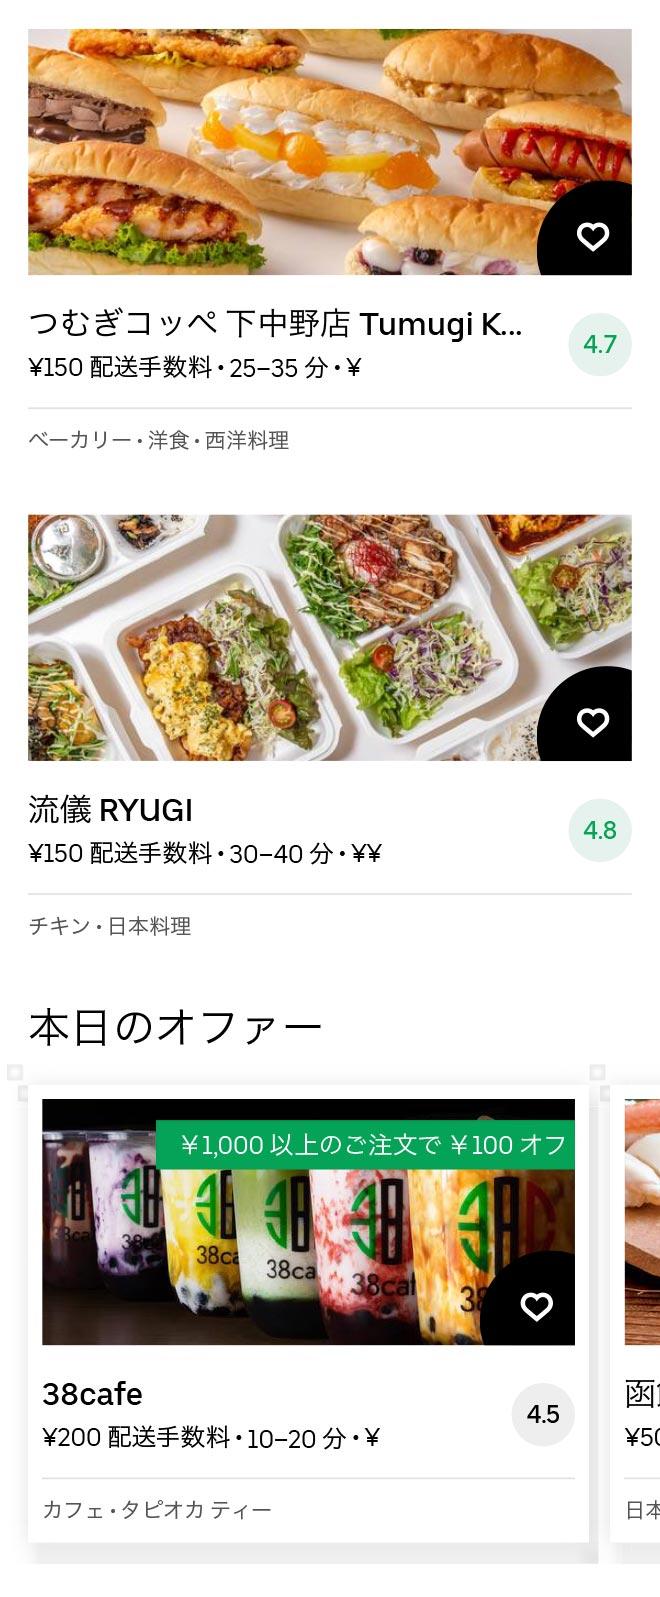 Bizen nishiichi menu 2011 04